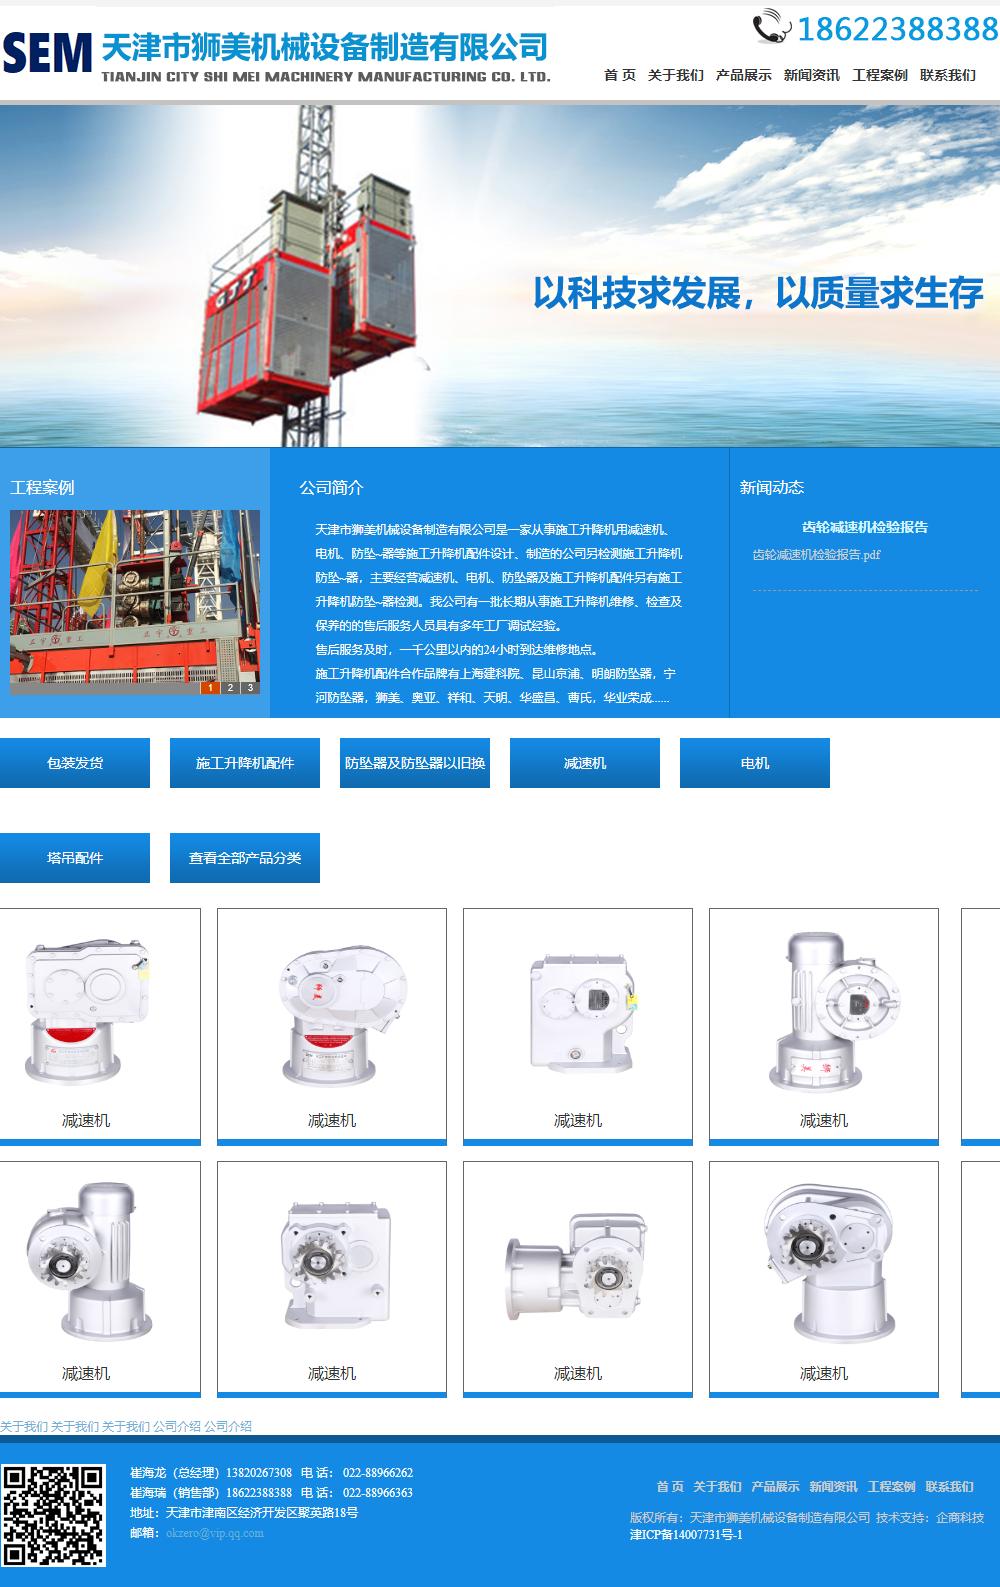 天津市狮美机械设备制造有限公司网站案例